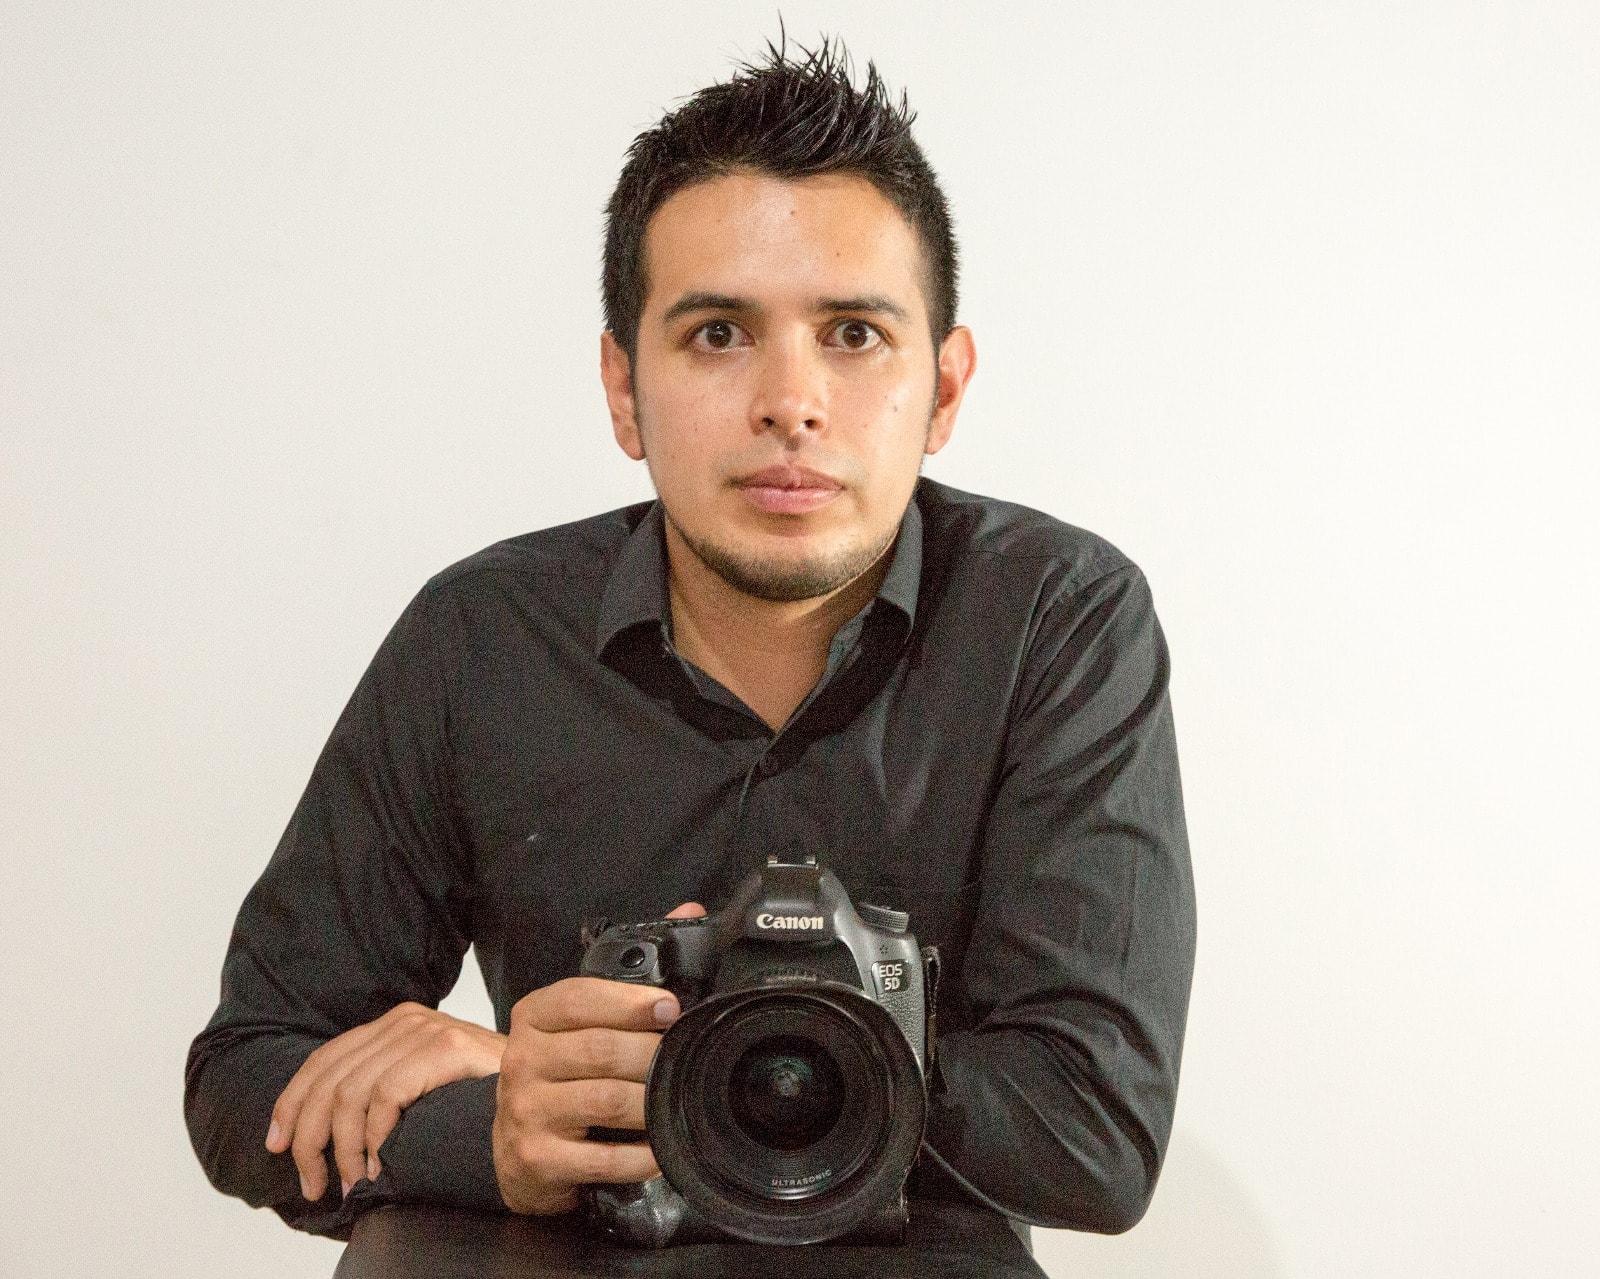 Andrés Sandoval fotografía la portada para Forbes Colombia